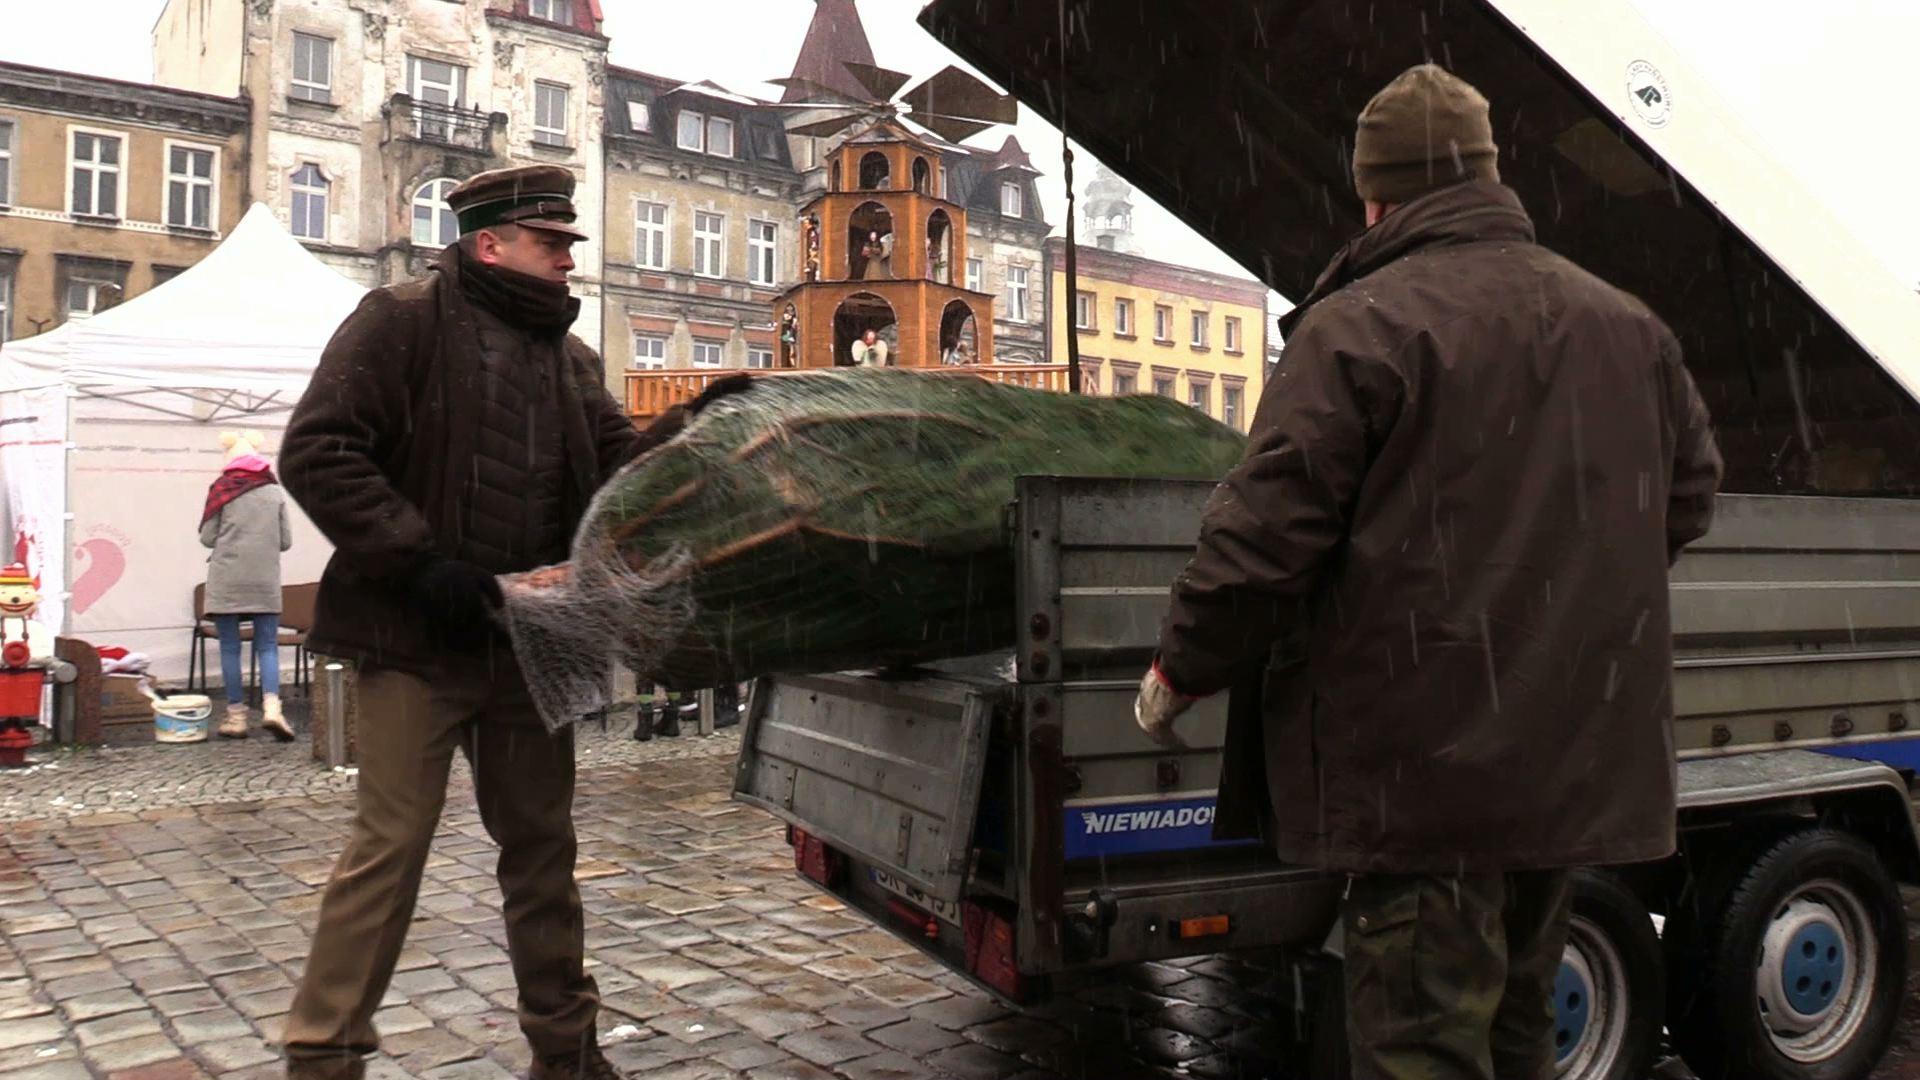 Dar za dar, czyli choinka za krew. Taką akcję zorganizowała w Mysłowicach Fundacja Kropla Życia im. Agaty Mróz-Olszewskiej